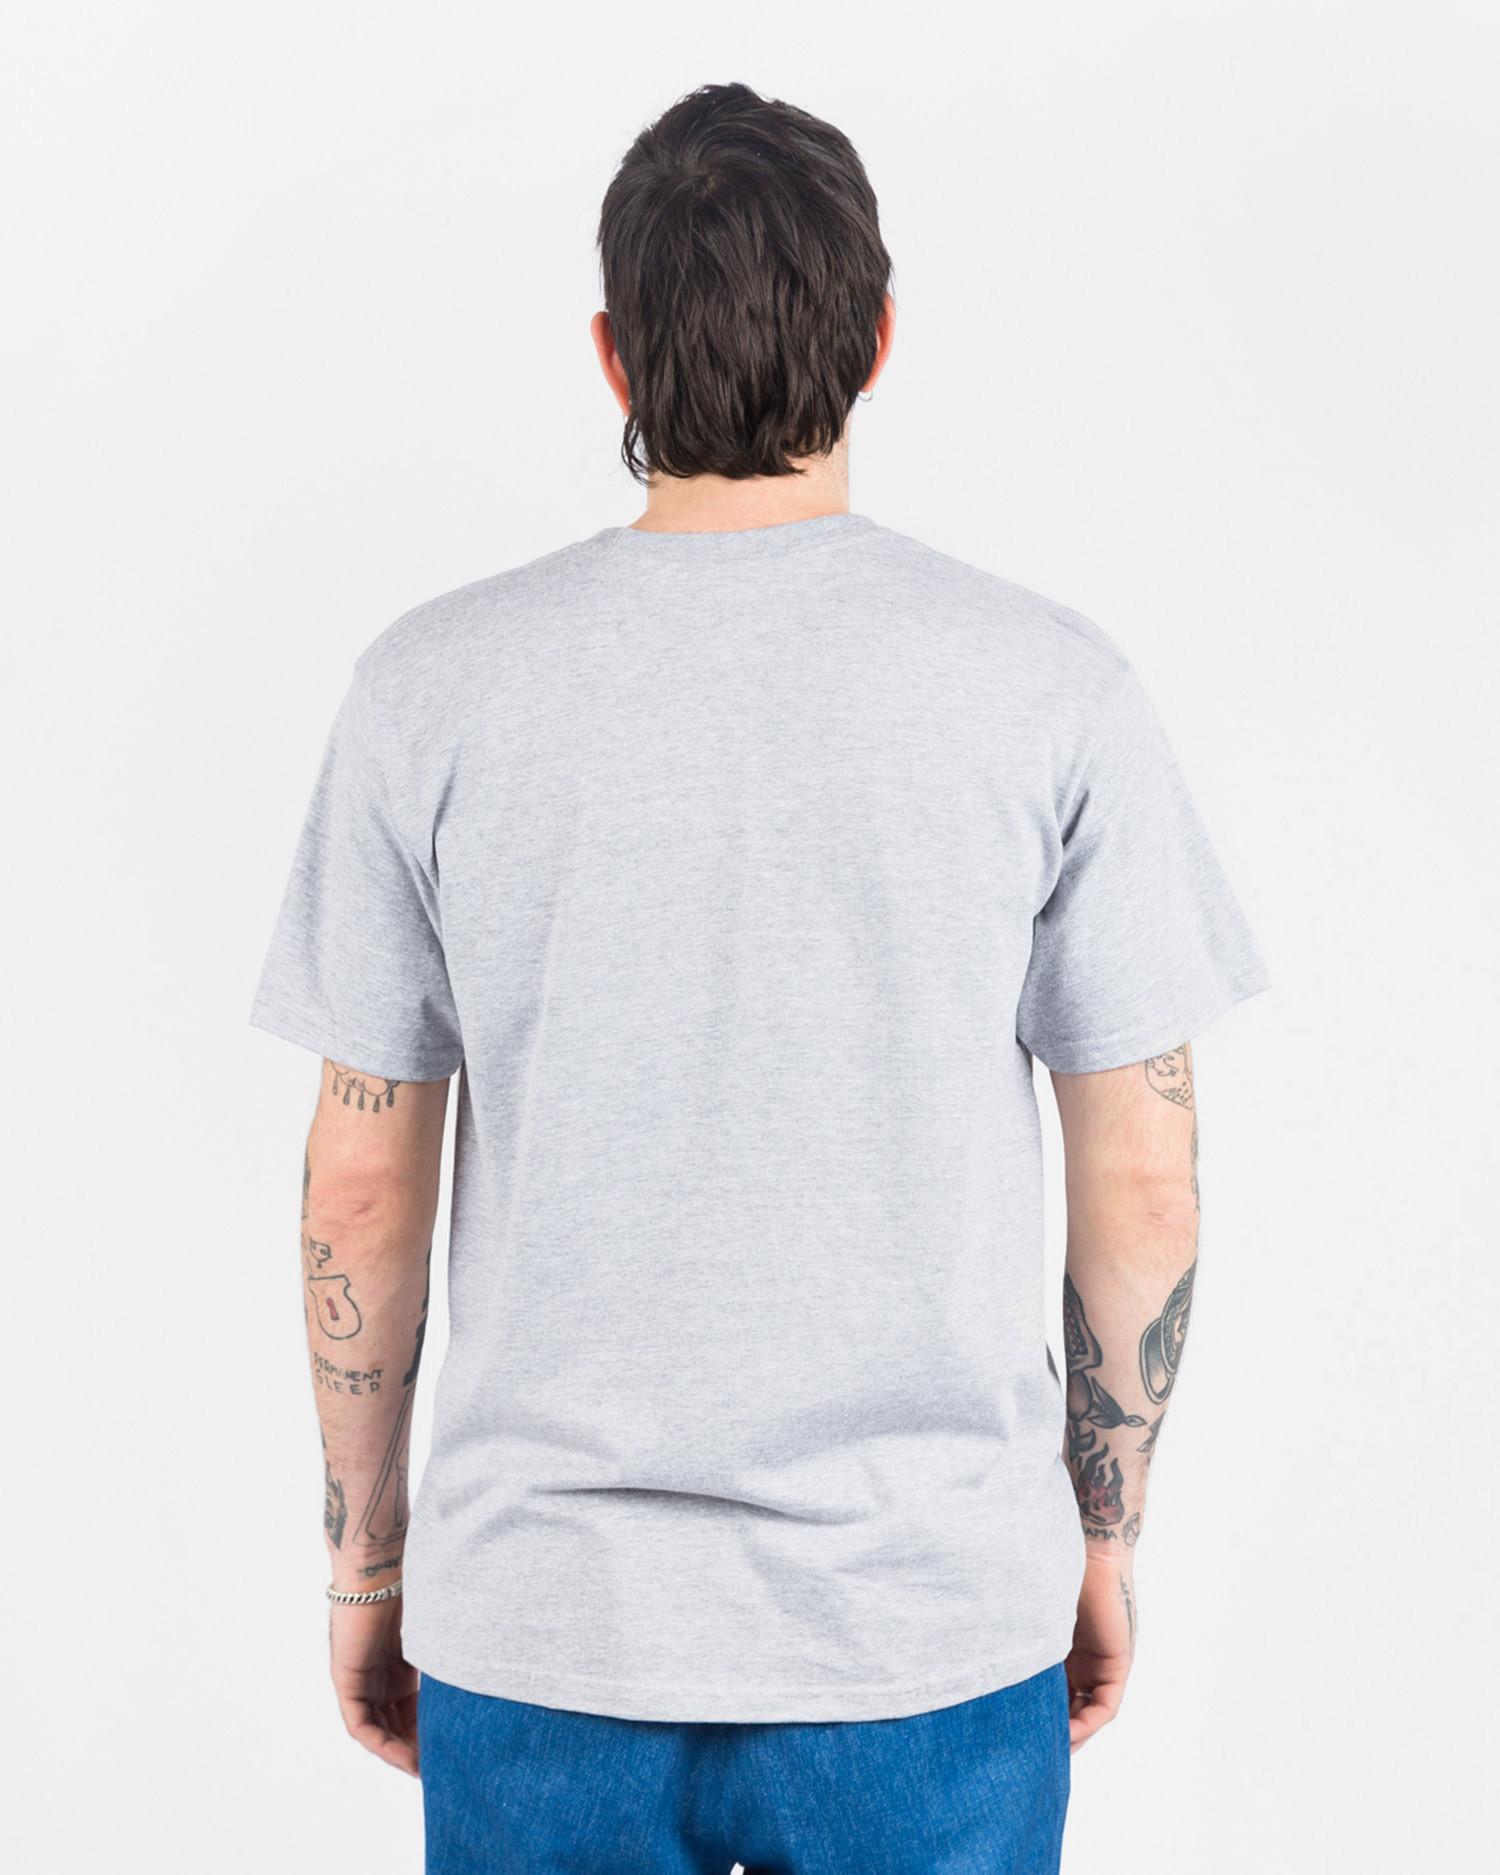 Lockwood OG Varsity T-shirt Yellow/Blue